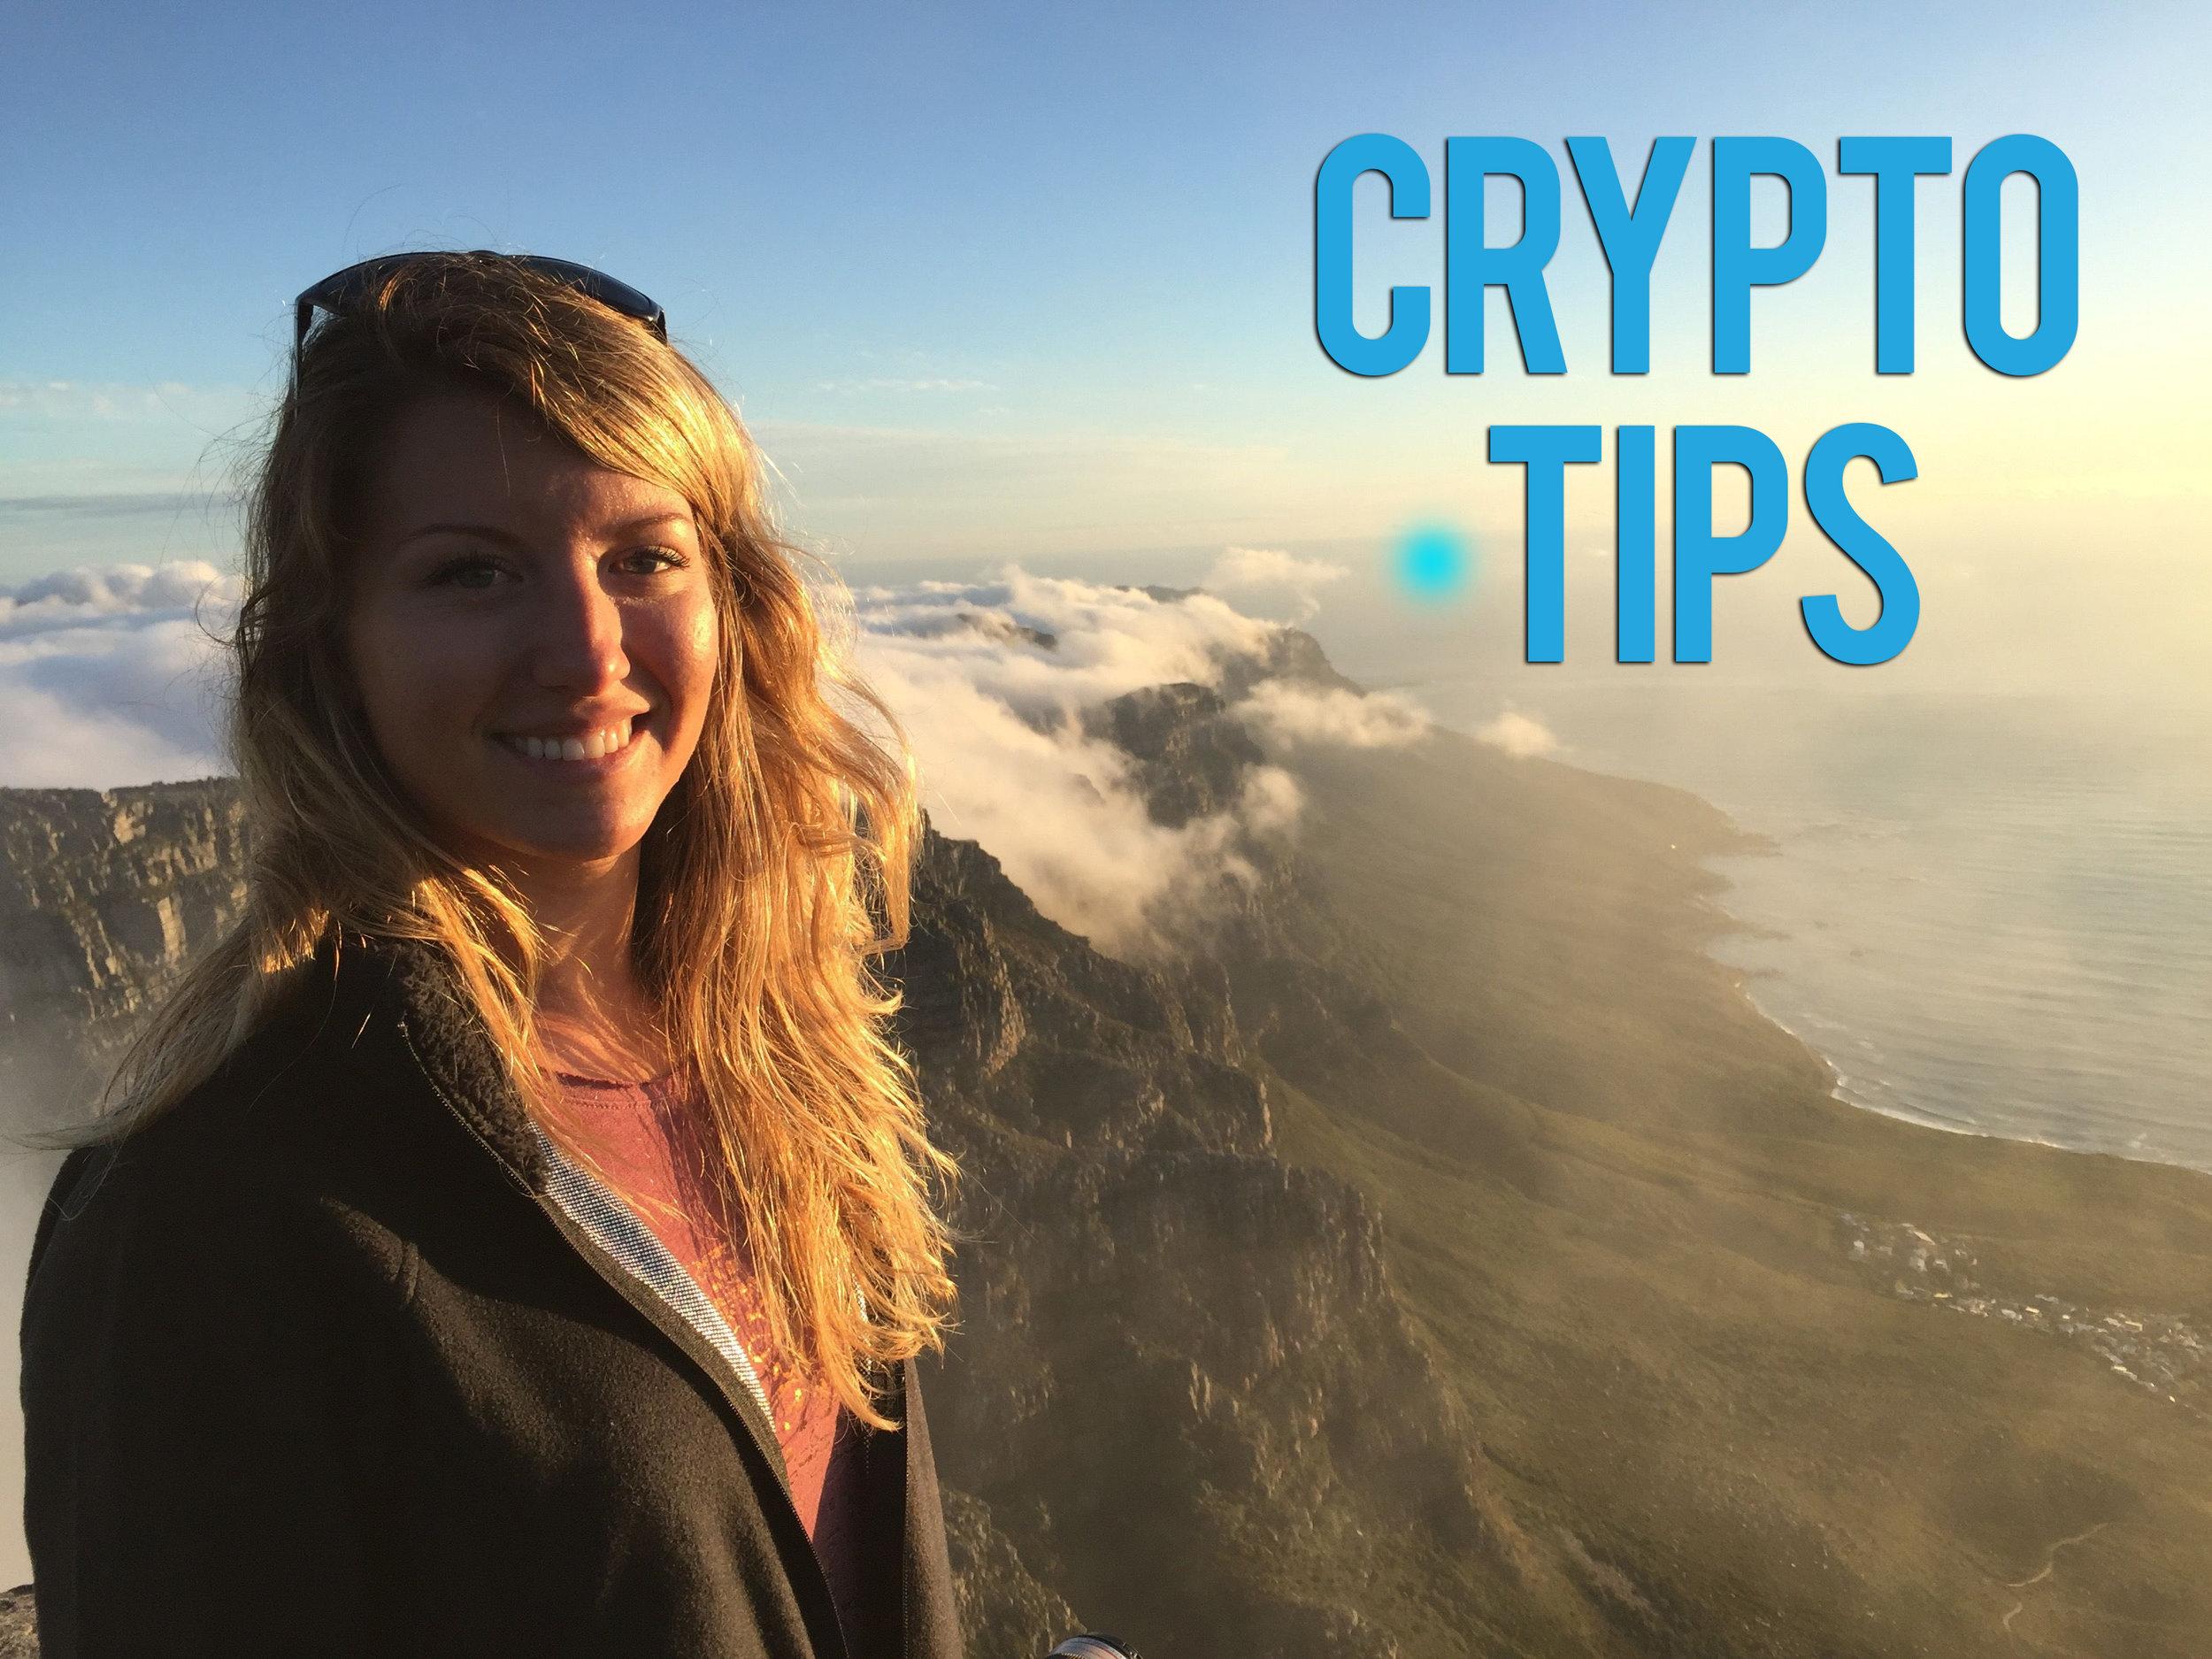 HeidiTravels of Crypto Tips